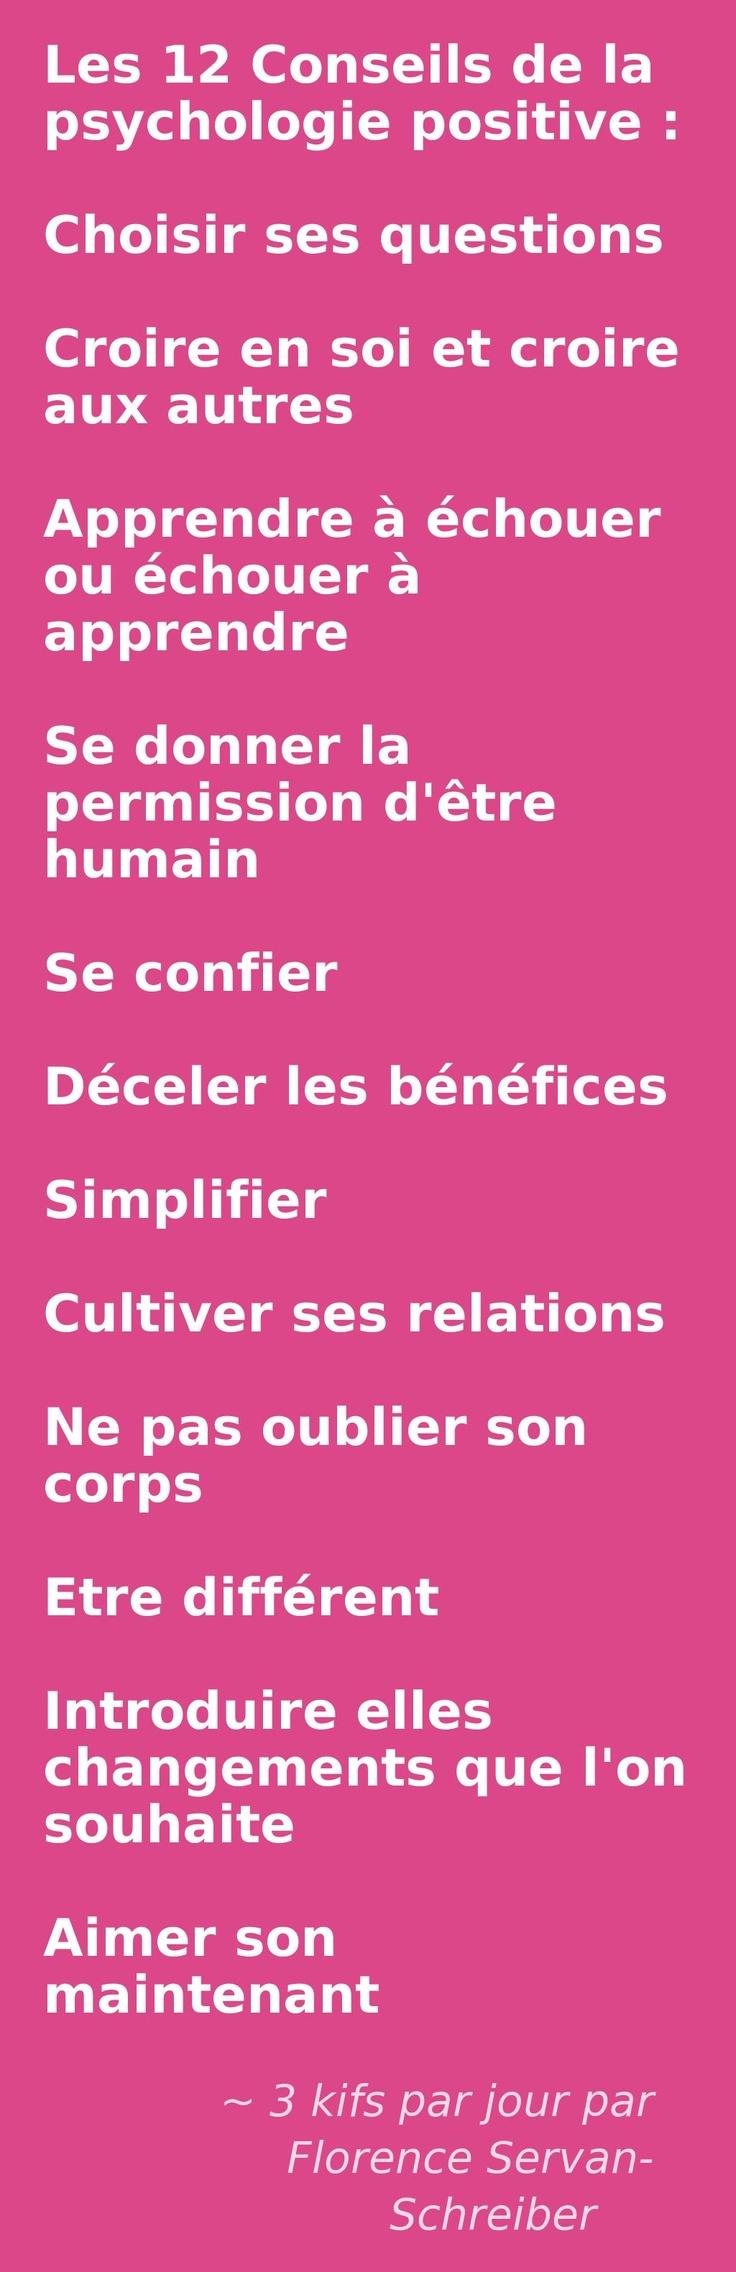 #powerpatate#optimiste